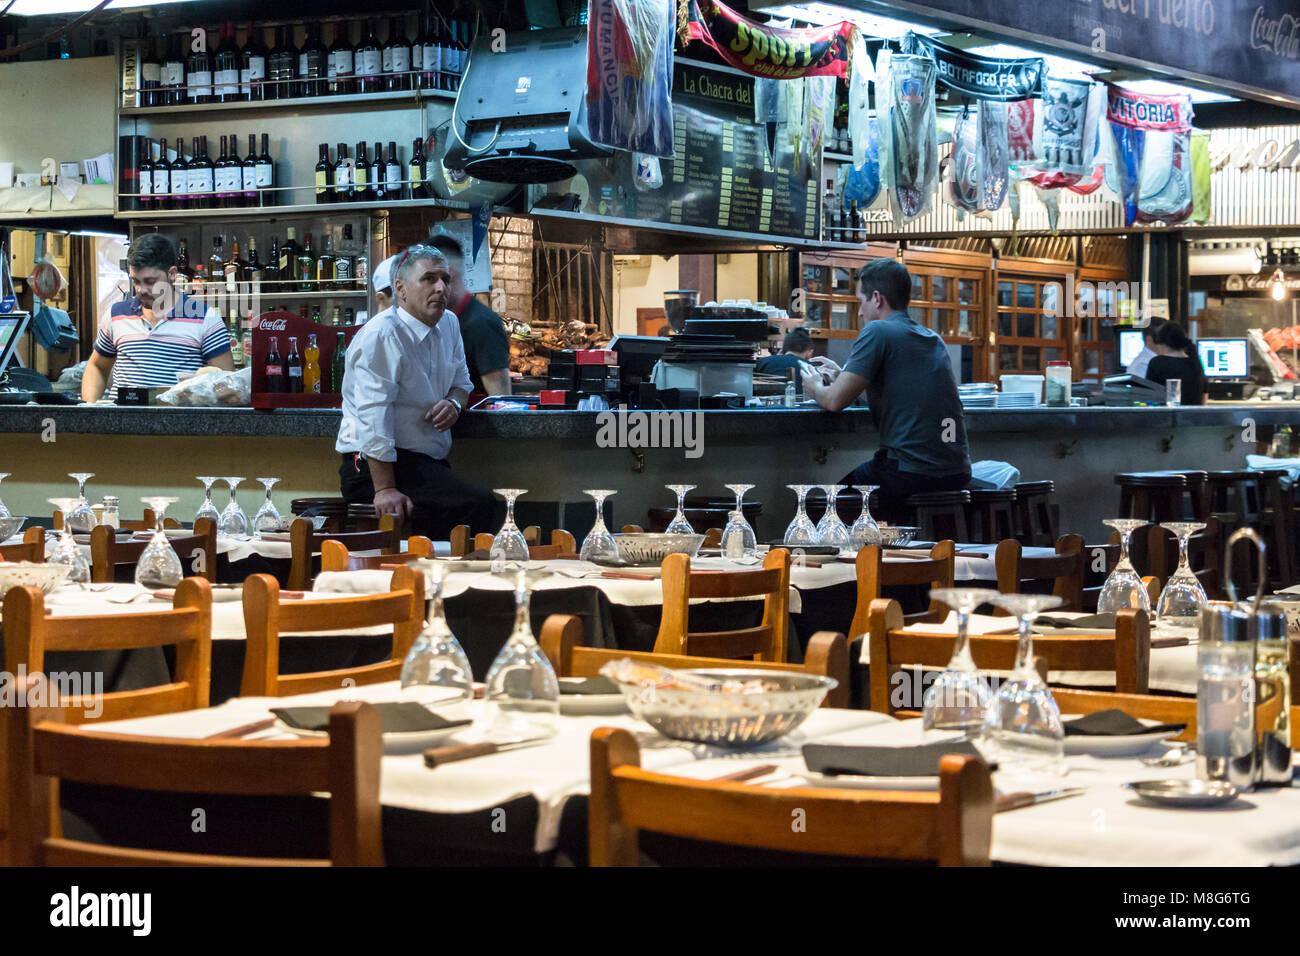 Montevideo, Uruguay - 25 Février 2018: Les clients assis au comptoir avec tabourets à un restaurant Photo Stock